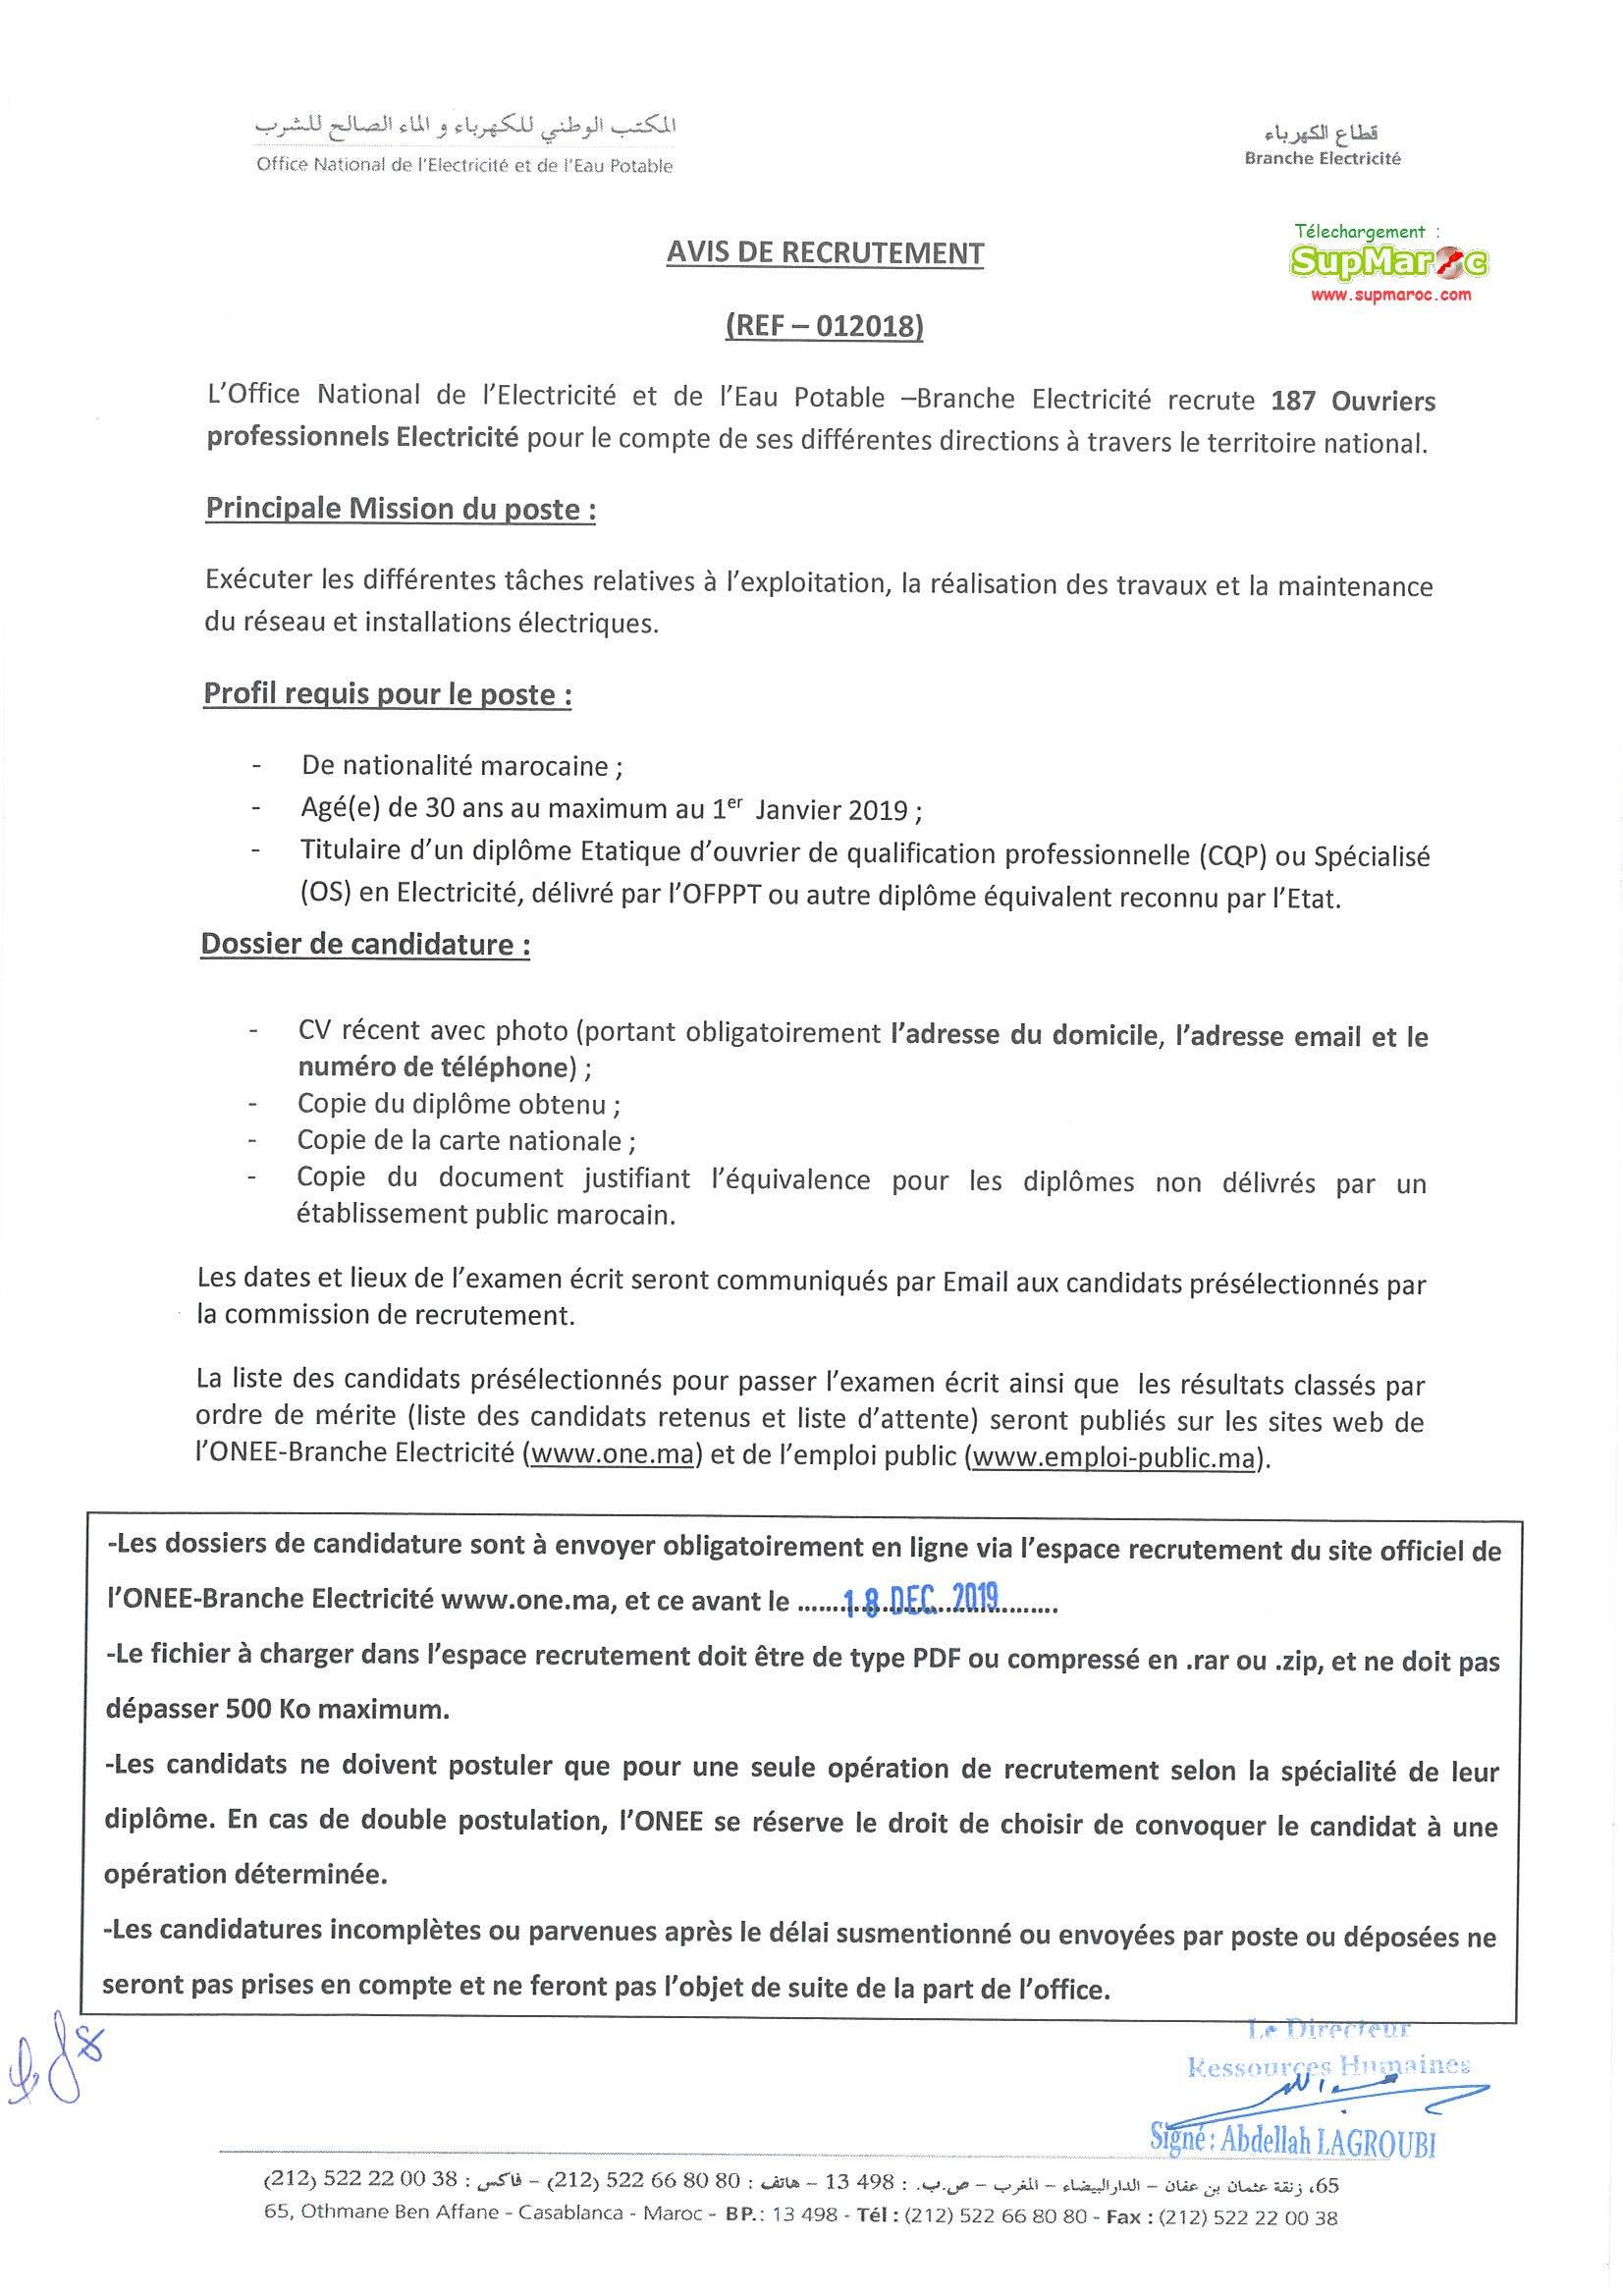 ONEP -Branche Electricité- recrutement 514 Concours des techniciens et Ouvriers 2019-2020